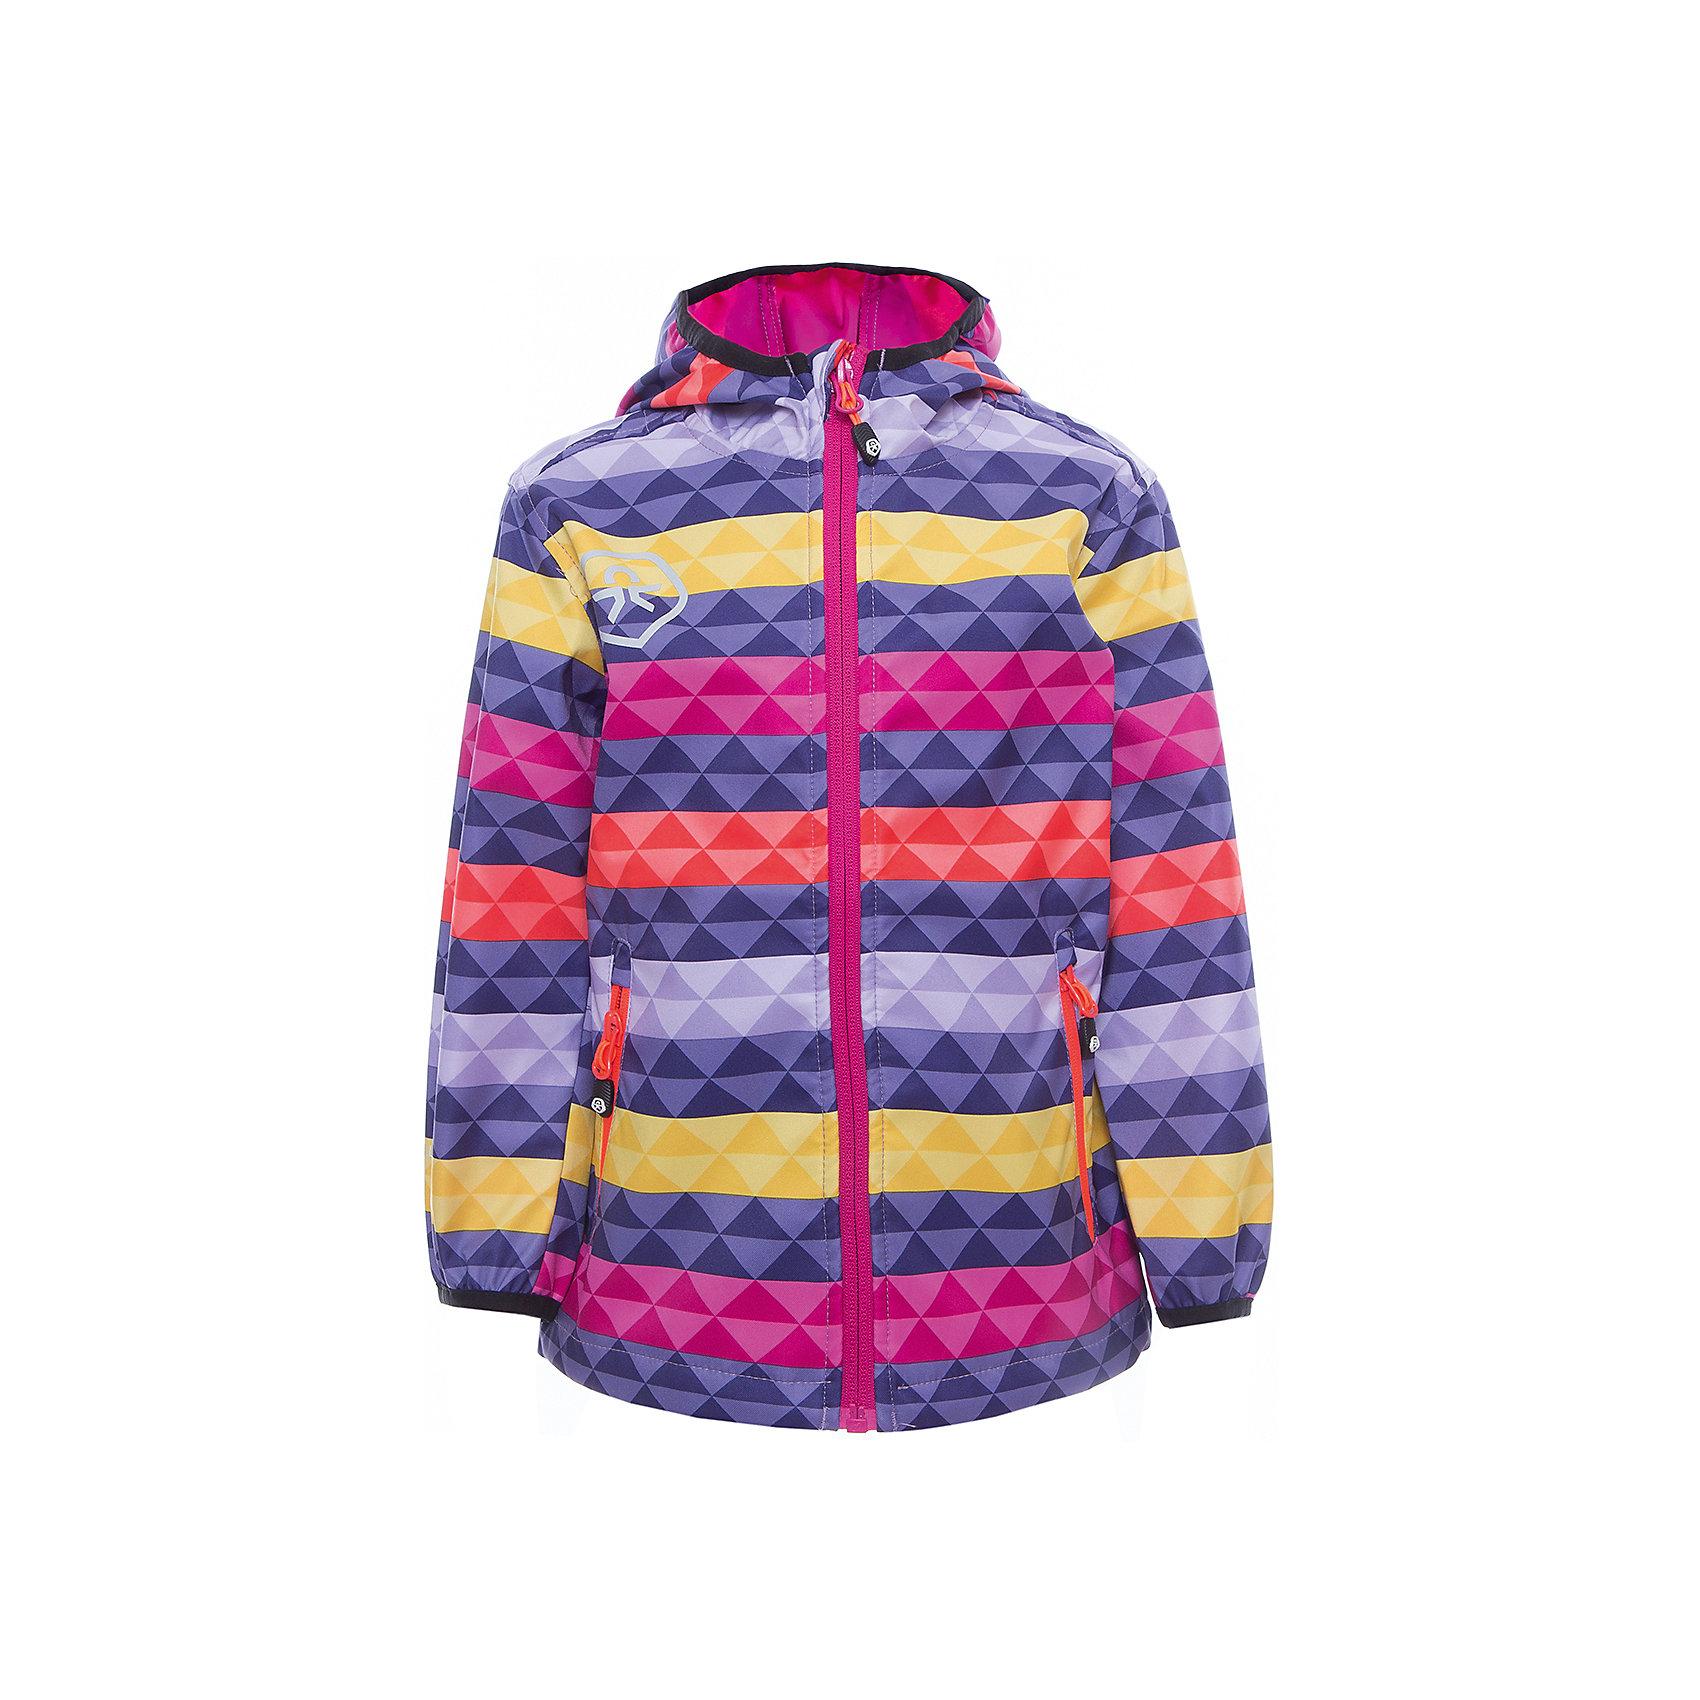 Куртка для девочки Color KidsВерхняя одежда<br>Характеристики товара:<br><br>• цвет: фиолетовый<br>• состав: 100 % полиэстер, softshell клееный с интерлоком<br>• без подкладки (для Softshell она не нужна, внутренняя сторона этой ткани очень приятная на ощупь)<br>• без утеплителя<br>• температурный режим: от +10 С° до +20 С°<br>• мембранная технология<br>• водонепроницаемость: 8000 мм<br>• воздухопроницаемость: 3000 мм<br>• ветрозащитный<br>• проклеенные швы<br>• регулируемый низ куртки<br>• светоотражающие детали<br>• застежка: молния<br>• вшитый капюшон с оторочкой кантом<br>• защита подбородка<br>• два кармана на молнии<br>• логотип<br>• страна бренда: Дания<br><br>Эта симпатичная и удобная куртка сделана из непромокаемого легкого материала, поэтому отлично подойдет для дождливой погоды в весенне-летний сезон. Она комфортно сидит и обеспечивает ребенку необходимое удобство. Очень стильно смотрится.<br><br>Куртку для мальчика от датского бренда Color Kids (Колор кидз) можно купить в нашем интернет-магазине.<br><br>Ширина мм: 356<br>Глубина мм: 10<br>Высота мм: 245<br>Вес г: 519<br>Цвет: лиловый<br>Возраст от месяцев: 24<br>Возраст до месяцев: 36<br>Пол: Женский<br>Возраст: Детский<br>Размер: 98,104,110,116,122,128,140,152,92,104<br>SKU: 5443089